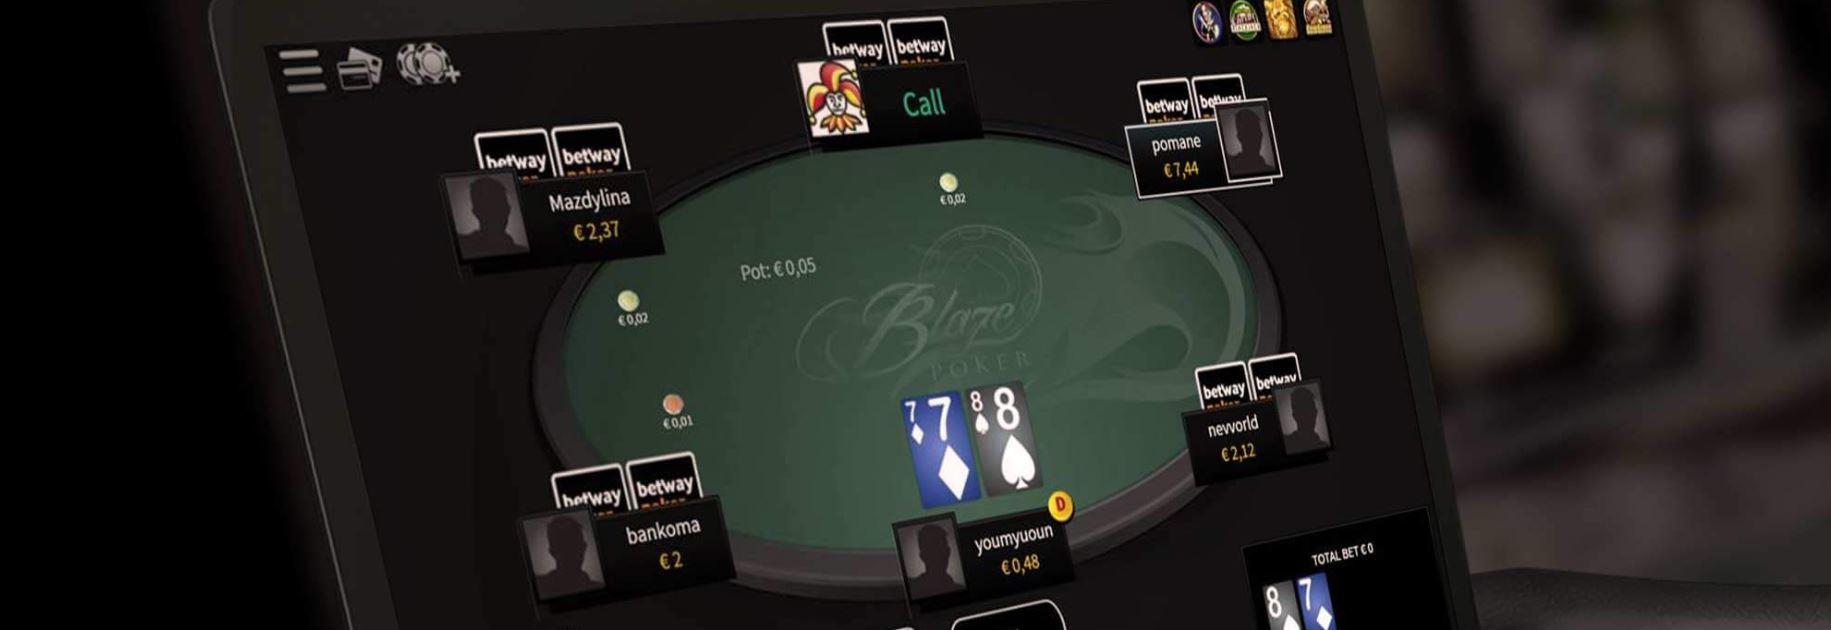 Prácticamente todos los casinos online cuentan con póker en su catálogo.